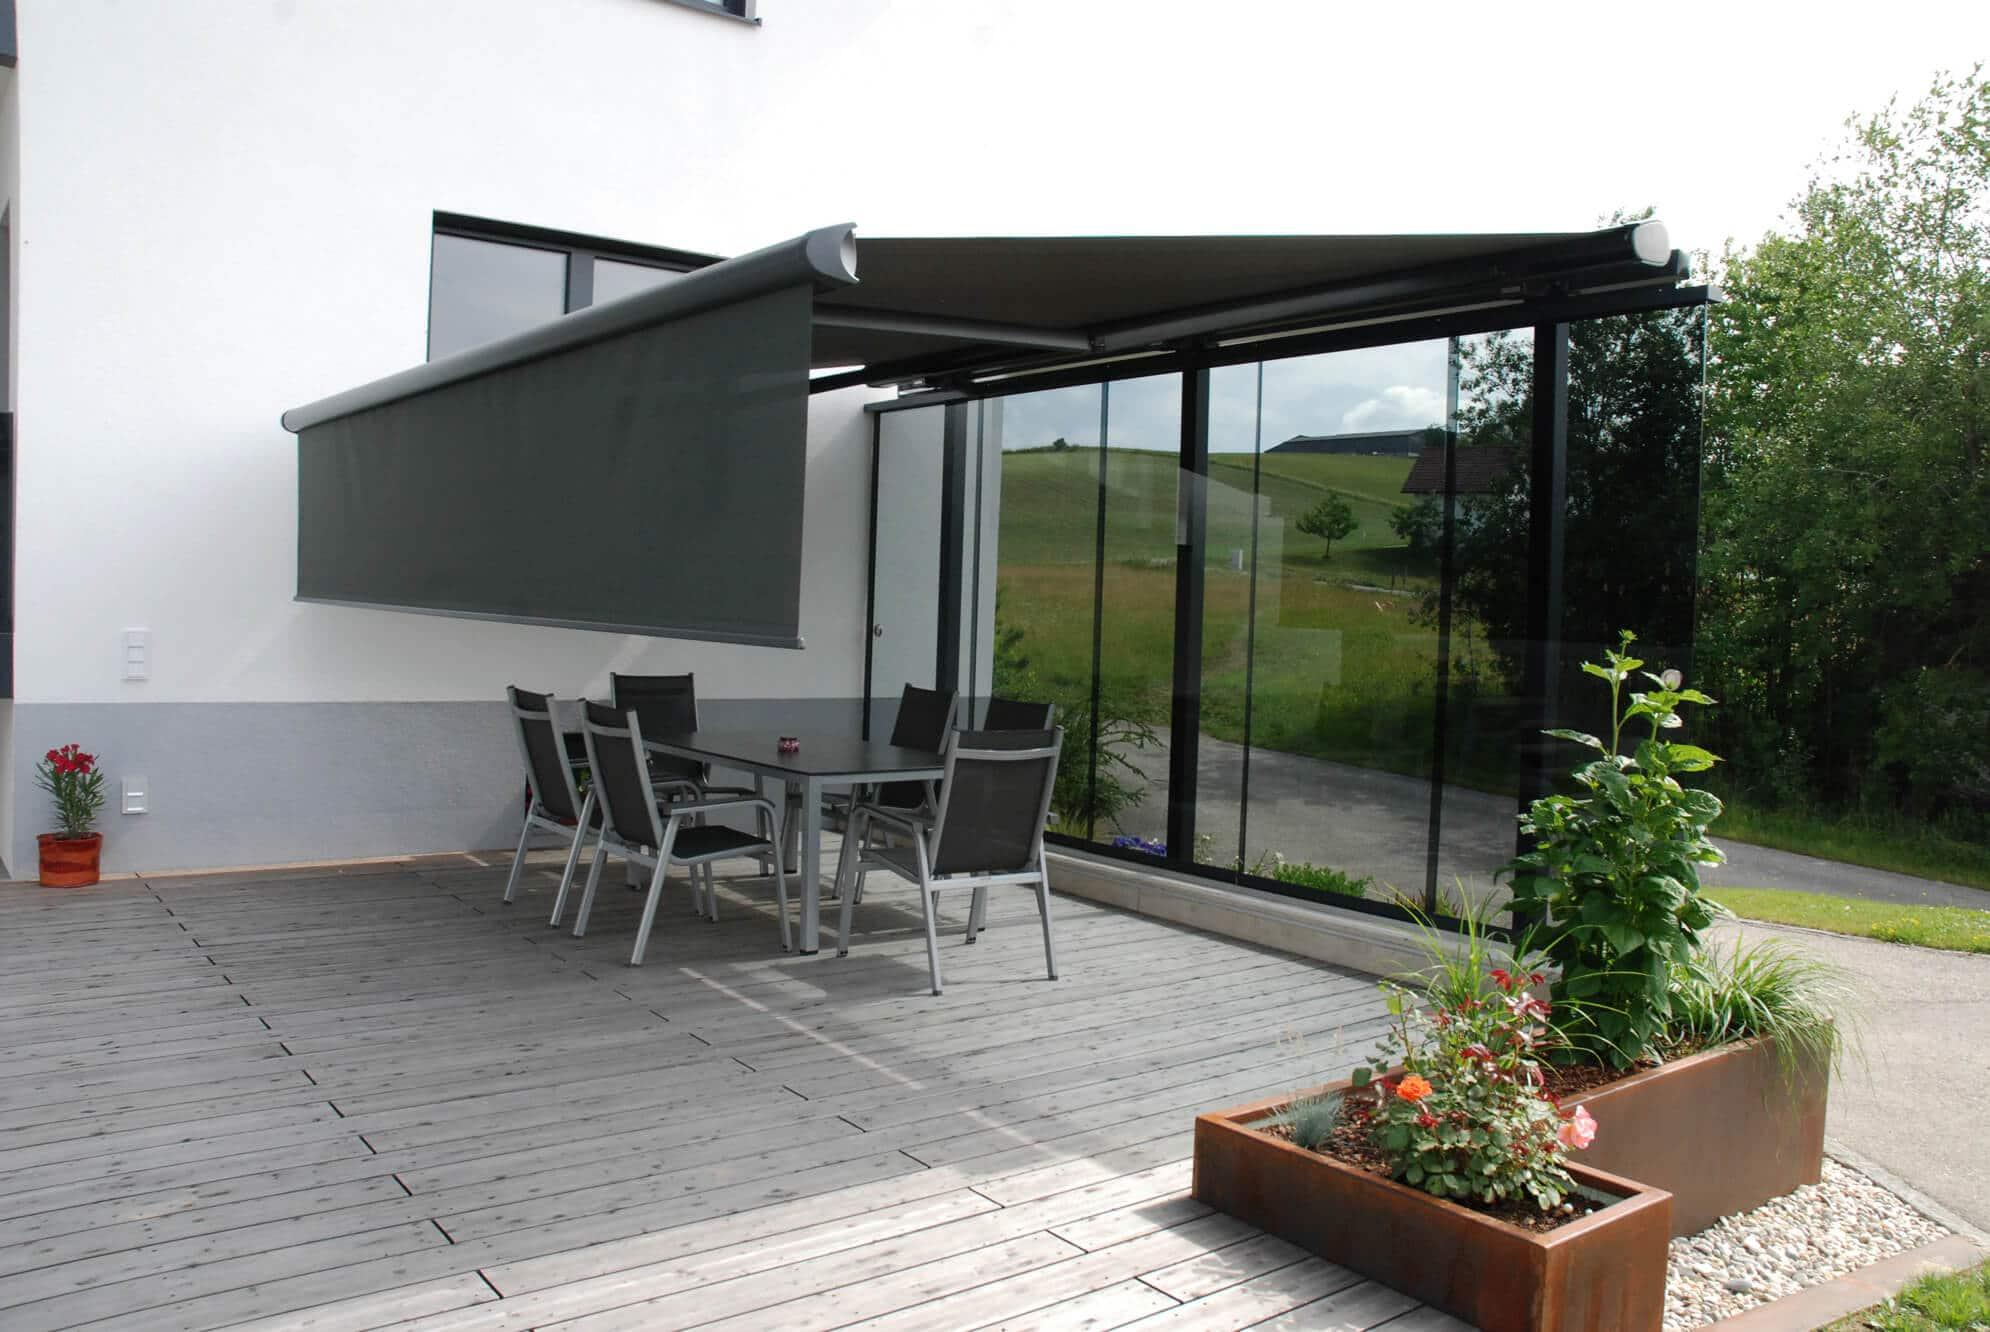 Terrassen Windschutz Markise Flexible Schiebewand Beschattung